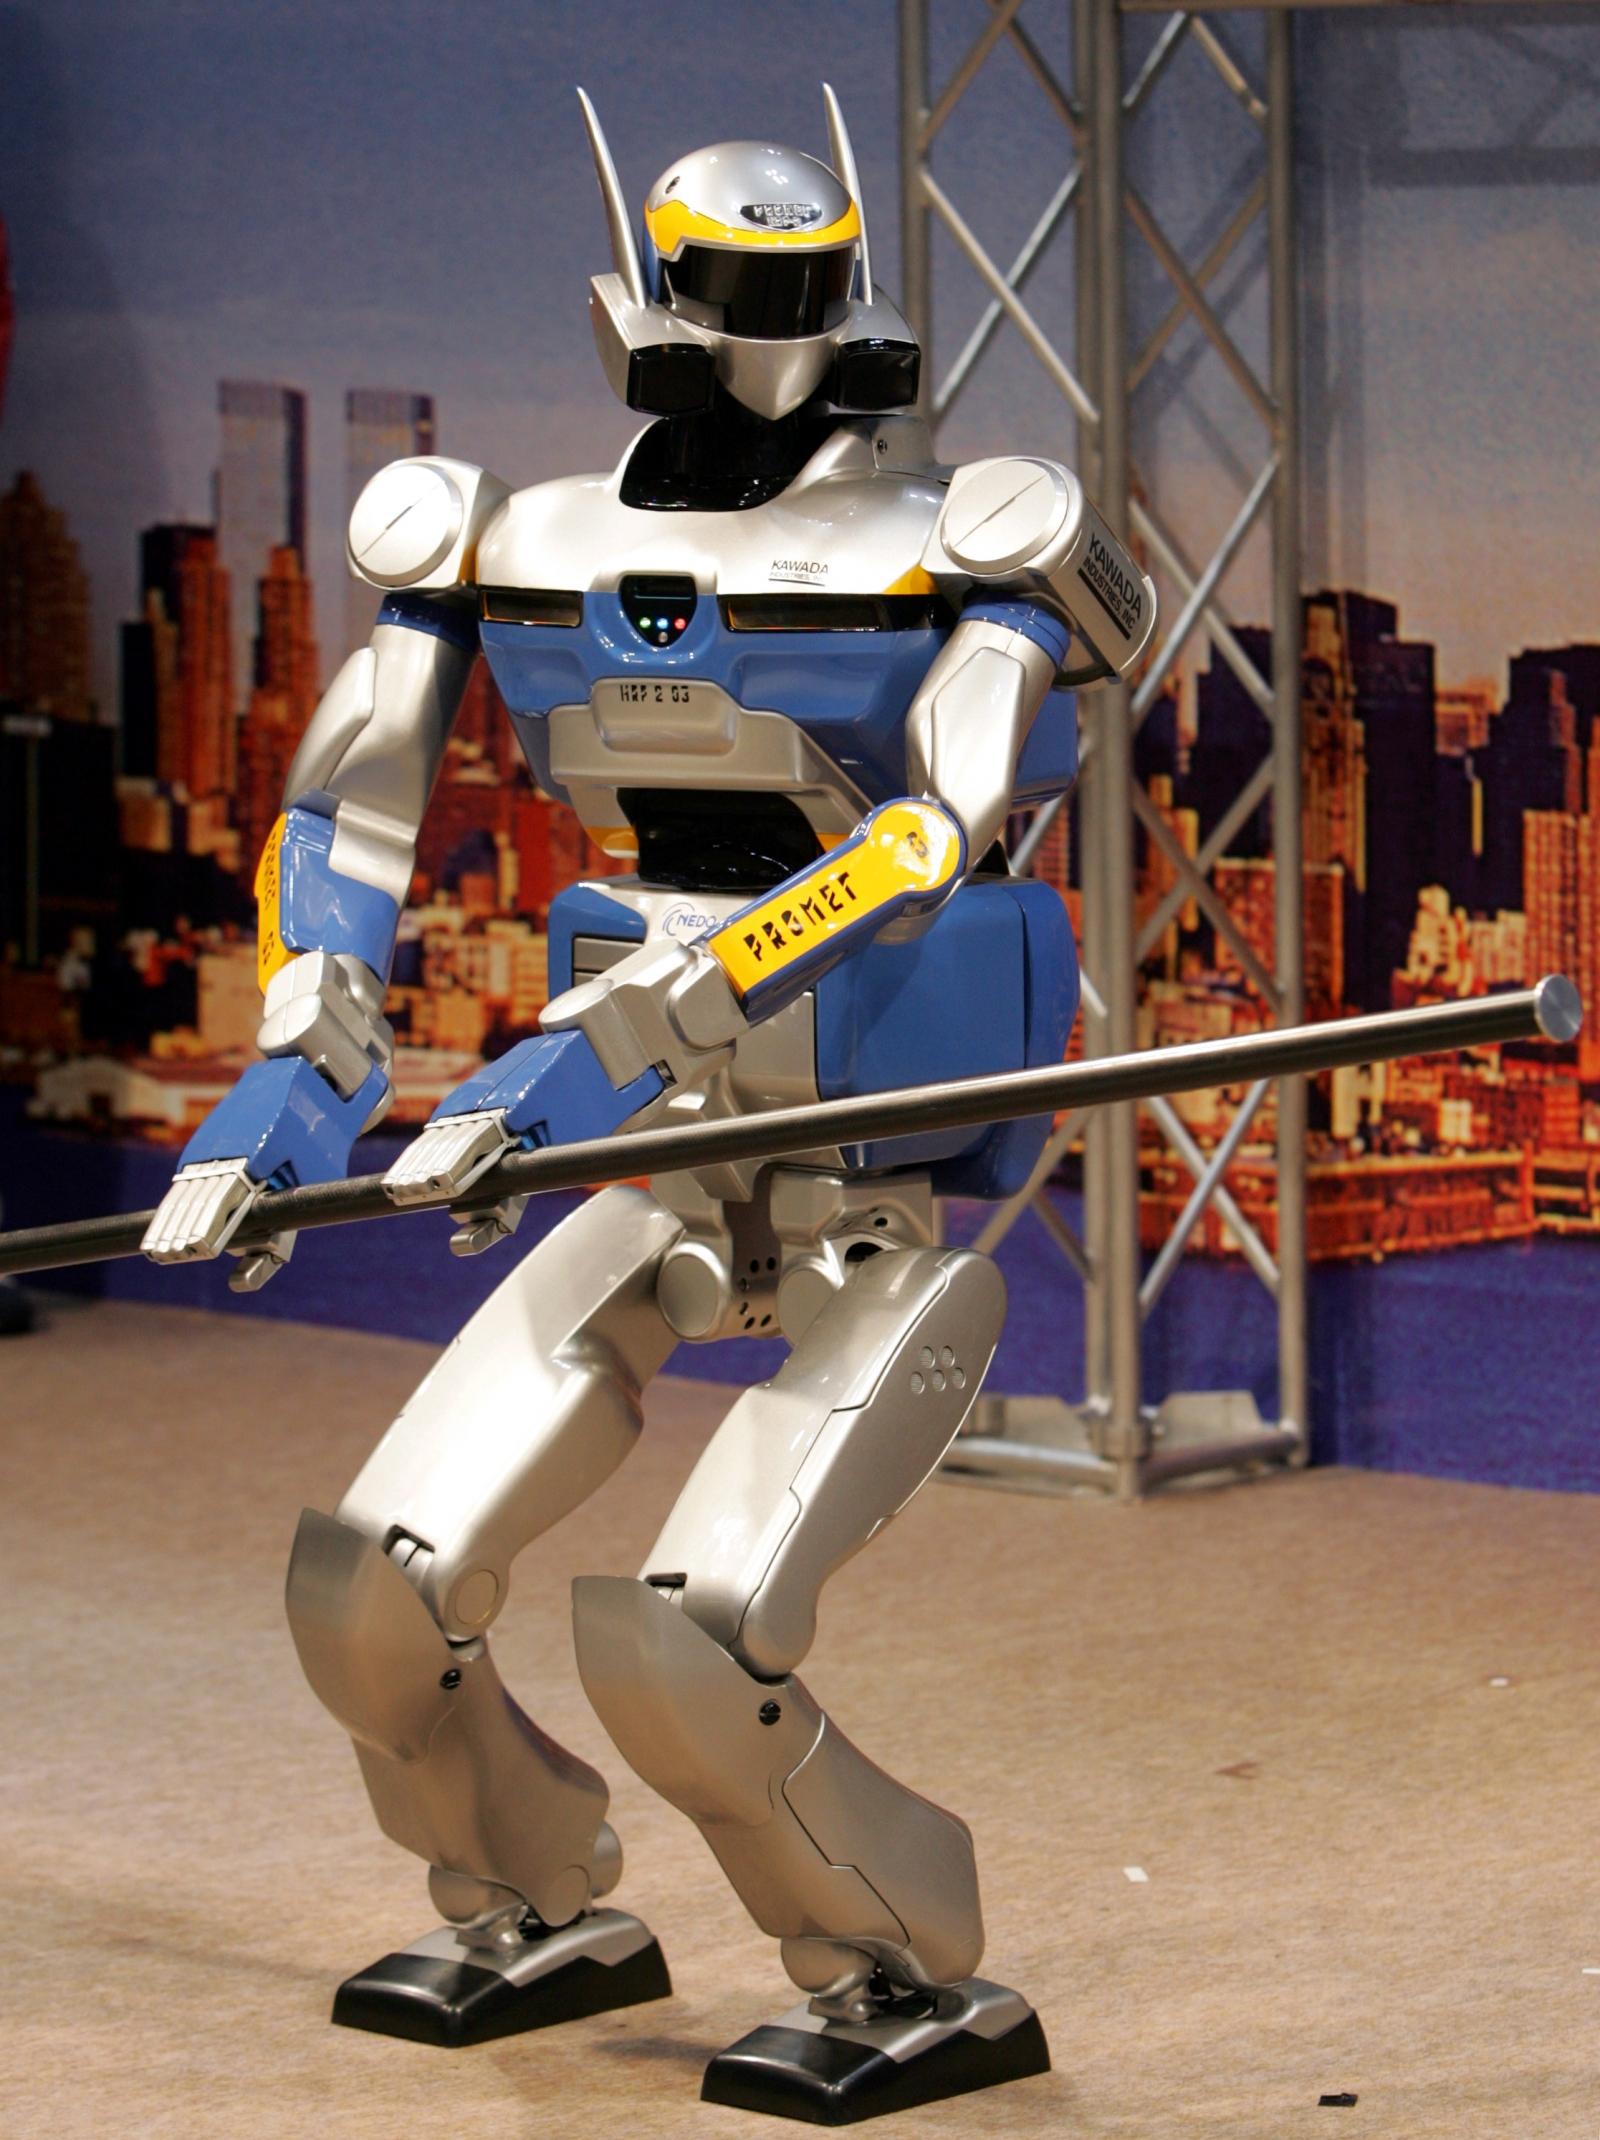 HRP-2 Promet humanoid robot by Kawada Industries